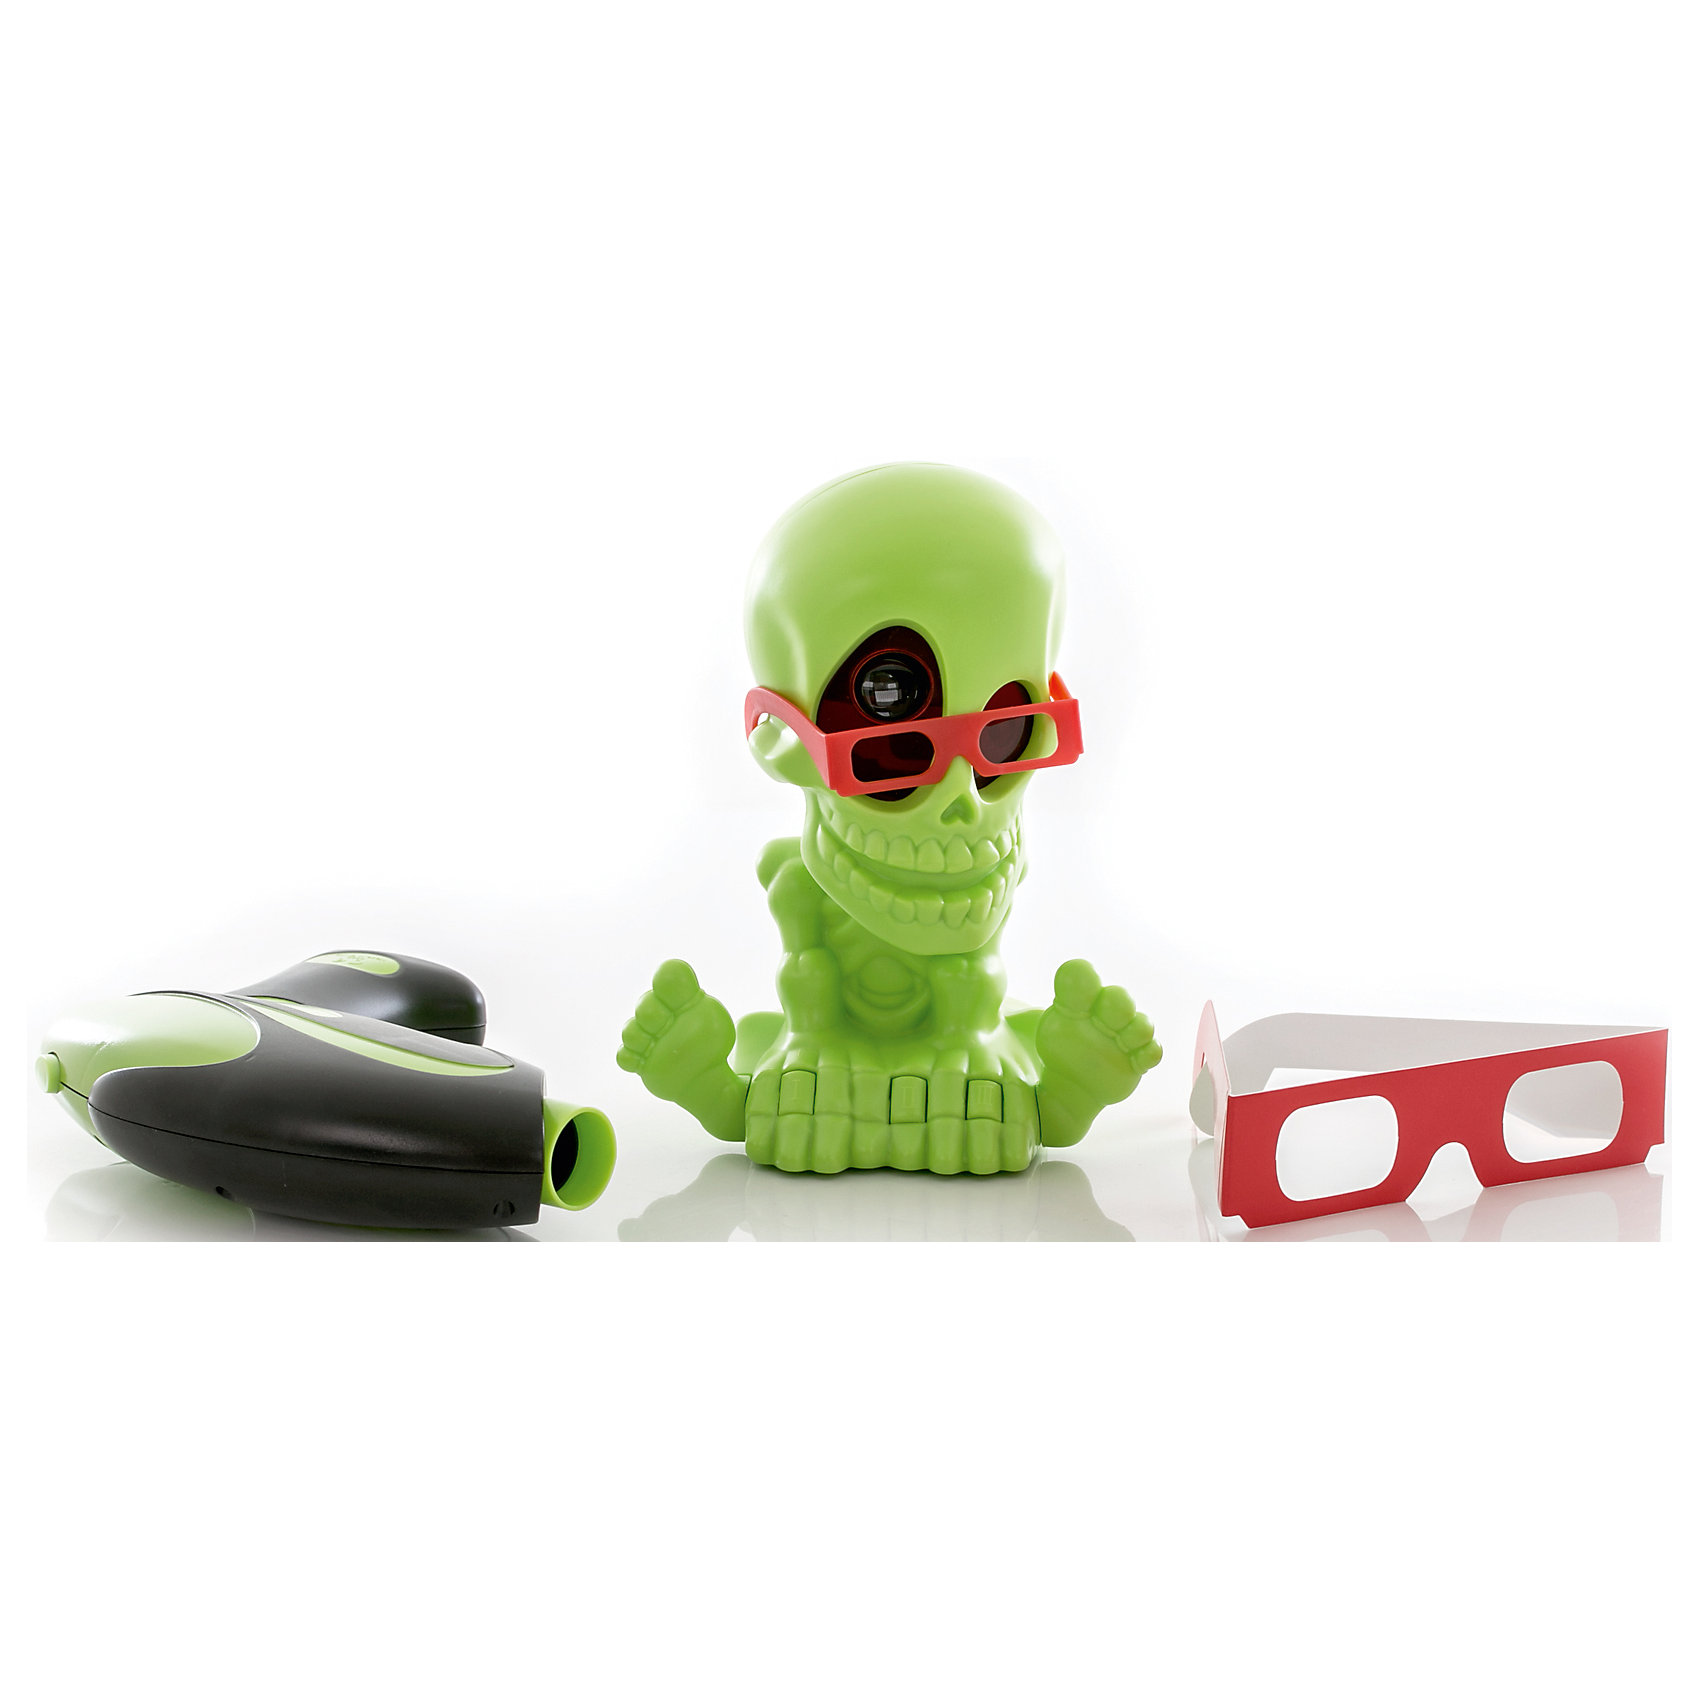 Тир проекционный 3D Джонни-Черепок  с 2-мя бластерами, Johnny the SkullСюжетно-ролевые игры<br>Тир проекционный 3D Джонни-Черепок  с 2-мя бластерами, Johnny the Skull<br><br>Характеристики:<br><br>• Вес: 1080 г.<br>• Размер упаковки: 44х13х25 см.<br>• В комплекте: проектор Джонни Черепок в 3D-очках, 2 бластера, 2 3D-очков для игроков, инструкция.<br><br>Проекционный  тир – это интерактивная игрушка предназначенная для игры в закрытых помещениях. Он совершенно безопасен для игроков, а также для  обстановки квартиры, так как стрелять нужно не пульками, стрелами или другими снарядами, а невидимым лучом! С интерактивными тиром Johnny The Skull вам не потребуется много свободного пространства, достаточно будет погасить свет в комнате и можно начинать увлекательную охоту на привидения и летучих мышей! Комплект набора состоит из проектора в виде симпатичного скелетика по имени Джонни, отбрасывающего световые проекции на стены и потолок комнаты, и двух электронных бластеров, которые будут подсчитывать количество метких выстрелов. Порадуйте своего мальчика, подарив ему такой интерактивный тир!<br><br>Тир проекционный 3D Джонни-Черепок  с 2-мя бластерами, Johnny the Skull, можно купить в нашем интернет- магазине.<br><br>Ширина мм: 400<br>Глубина мм: 260<br>Высота мм: 130<br>Вес г: 1105<br>Возраст от месяцев: 72<br>Возраст до месяцев: 2147483647<br>Пол: Мужской<br>Возраст: Детский<br>SKU: 5185762